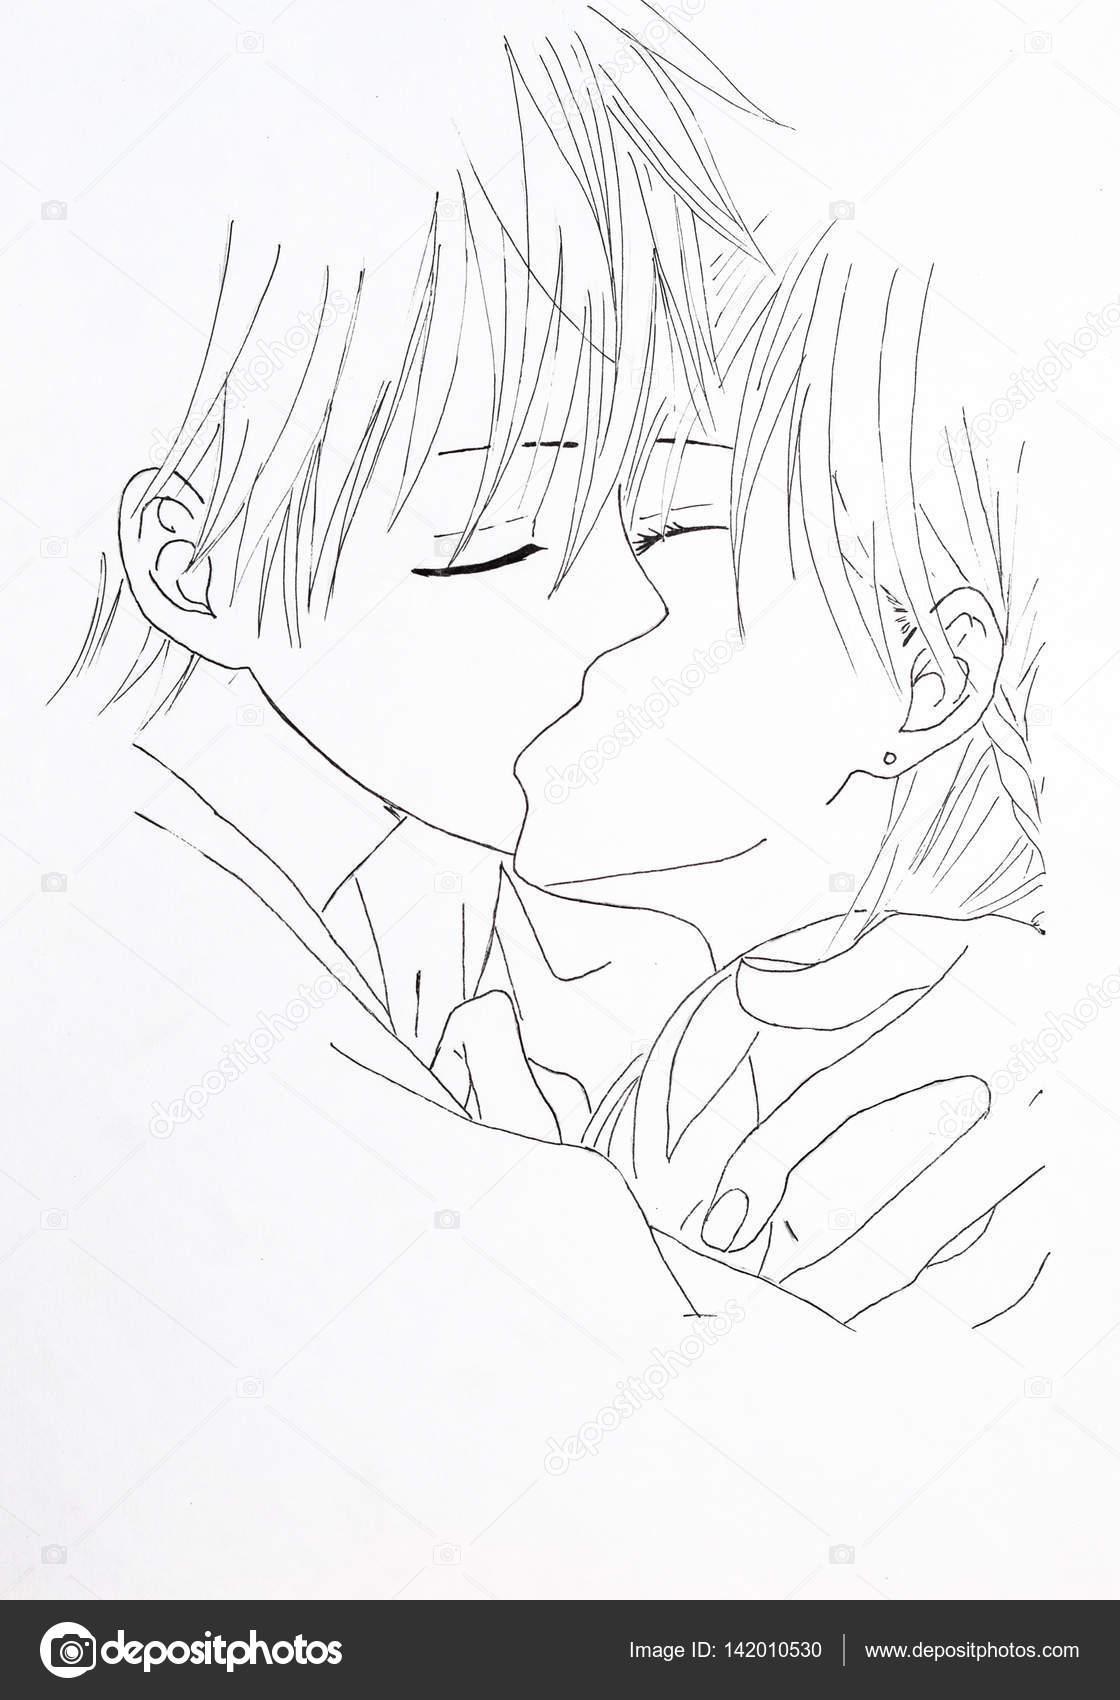 Dibujo Del Estilo De Anime Imagen Enamorada Chica Y El Chico De La